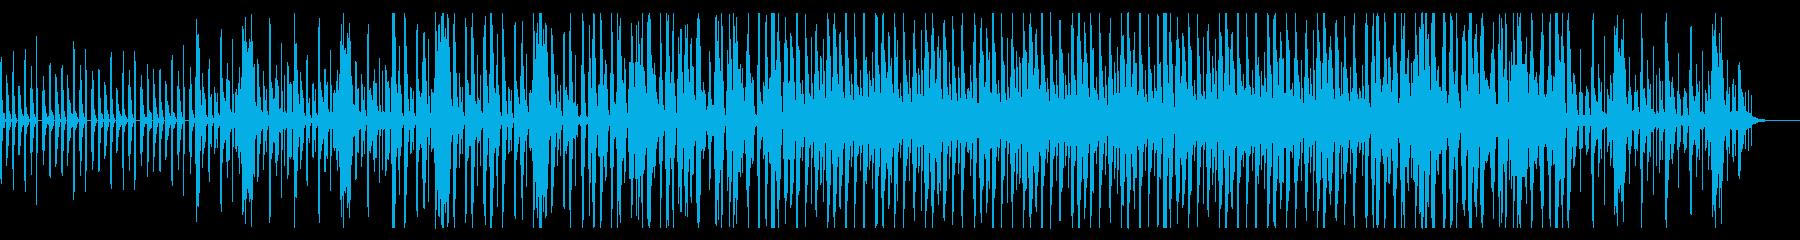 エレクトロなポップ ドリーミーな電子音楽の再生済みの波形